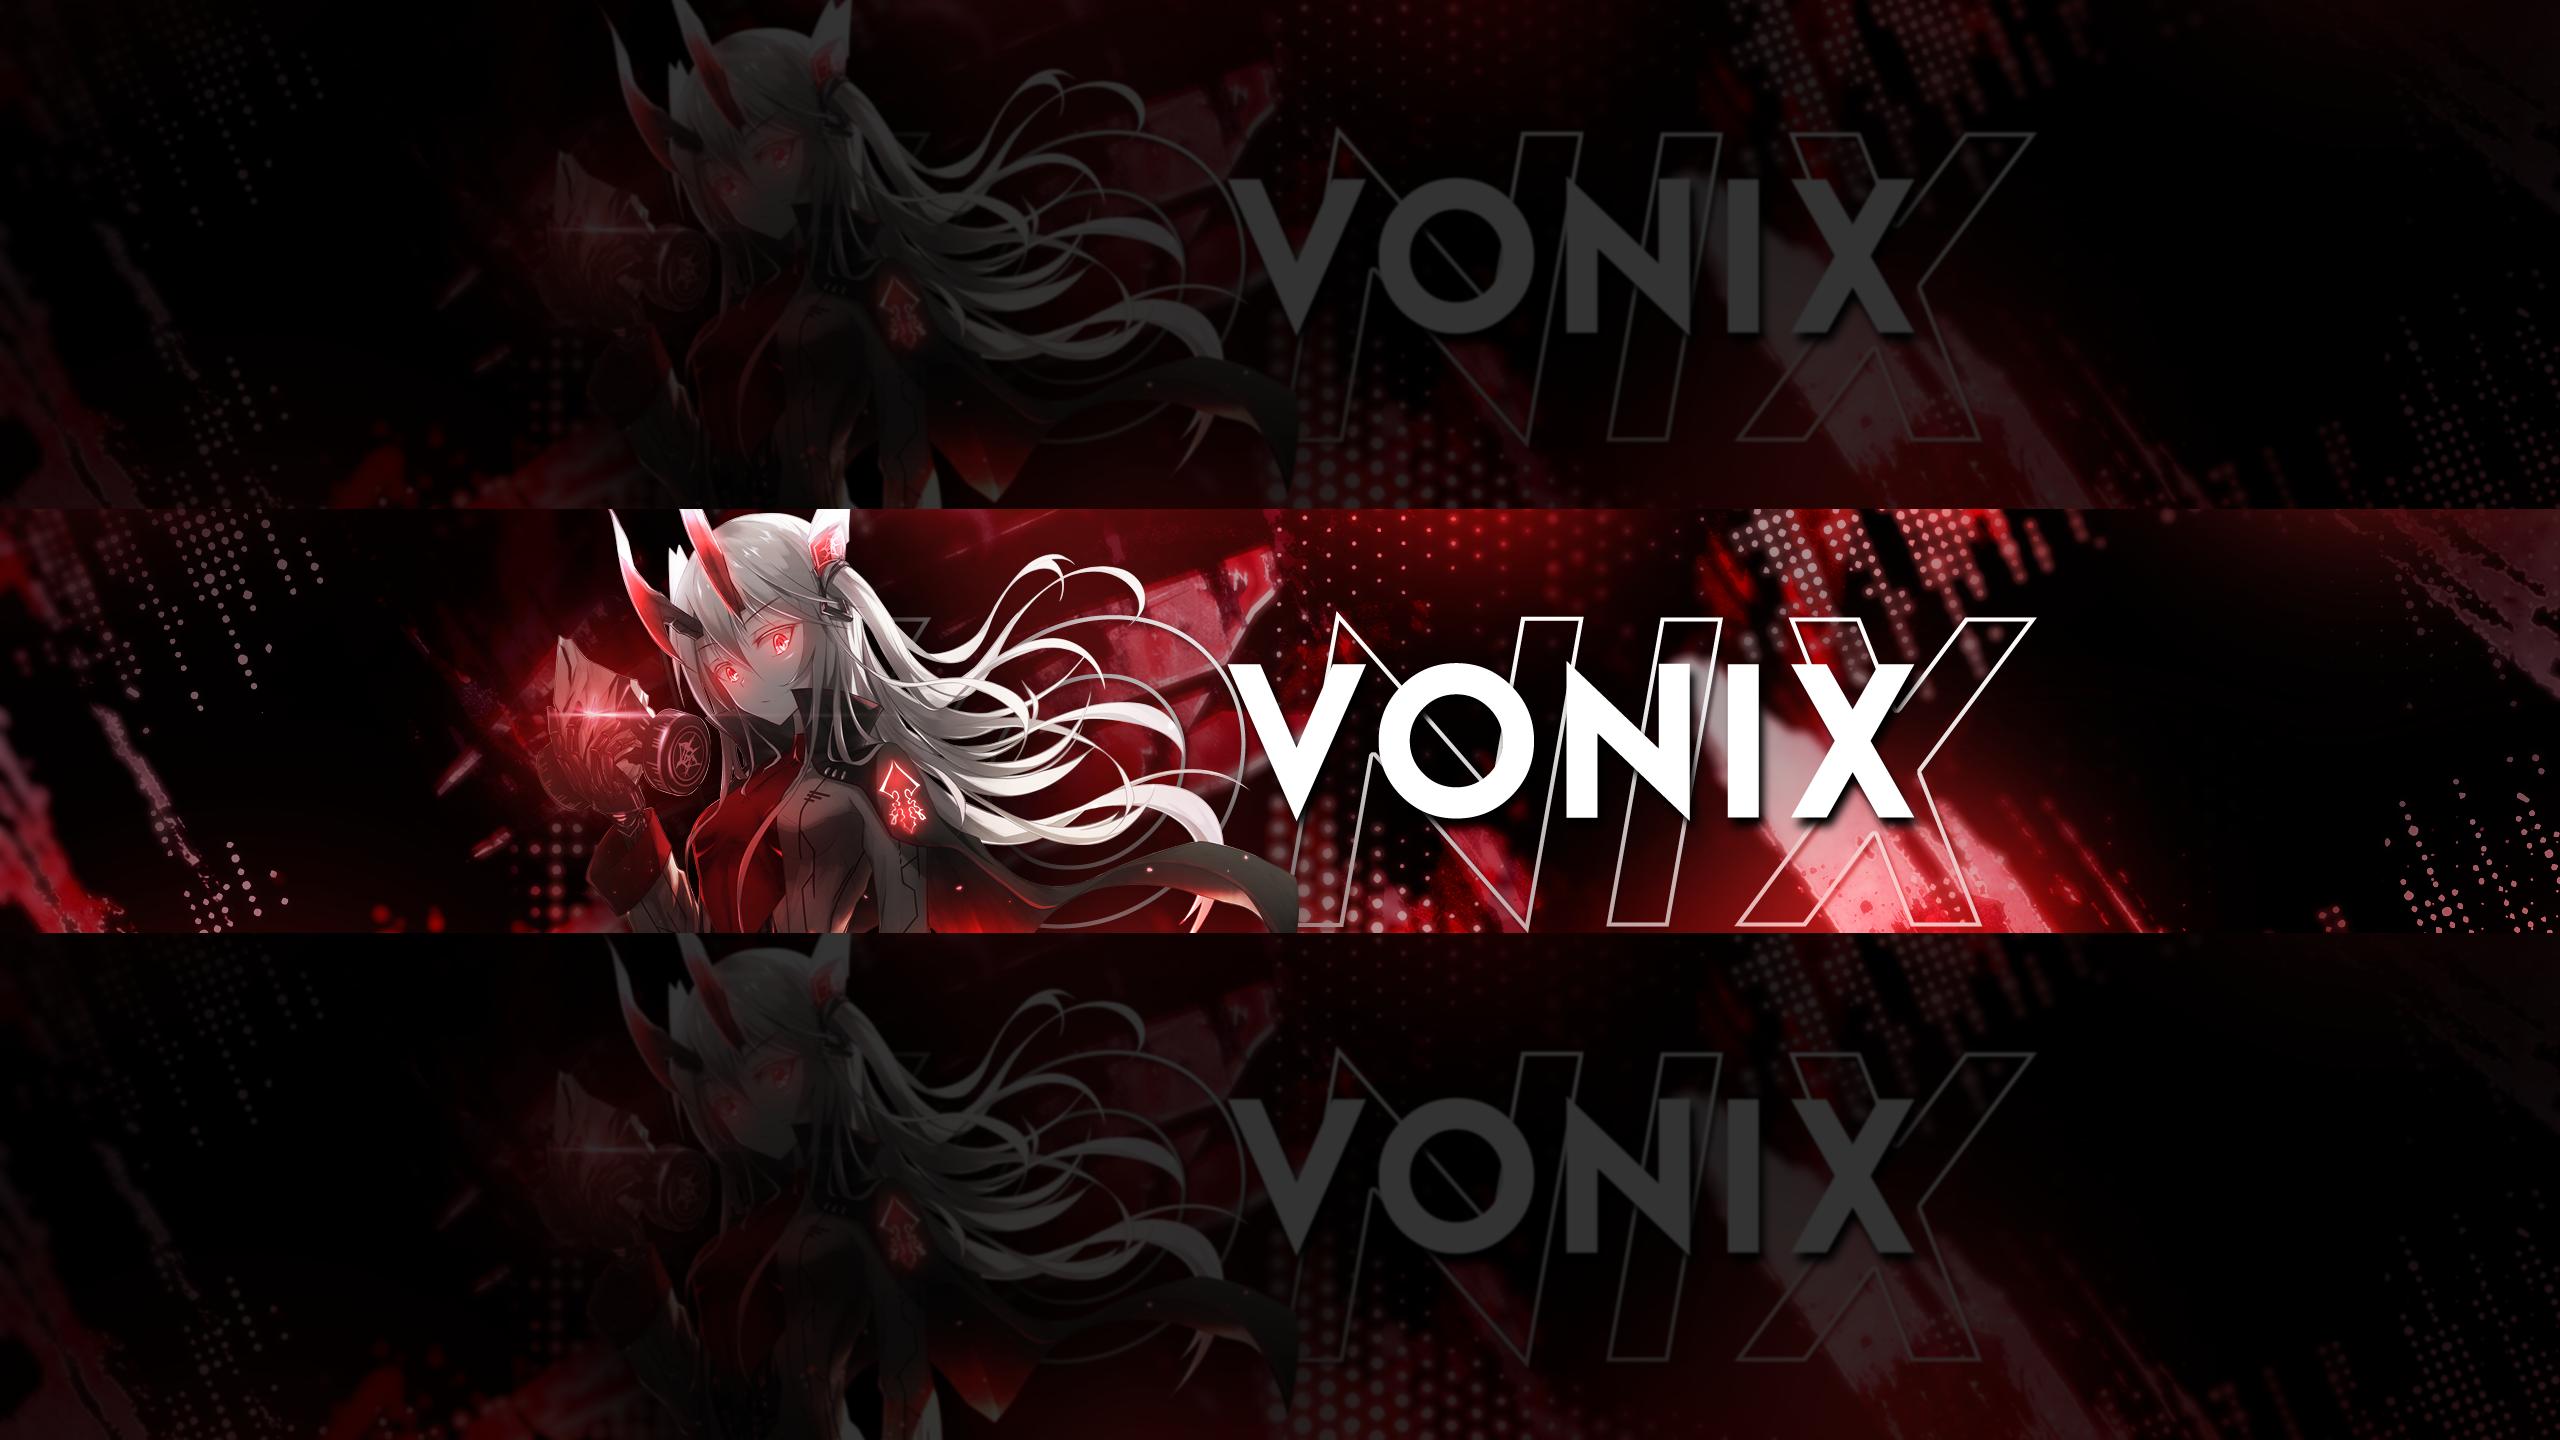 Vonix Nightcore Youtube Headeri Anime Youtube banner If